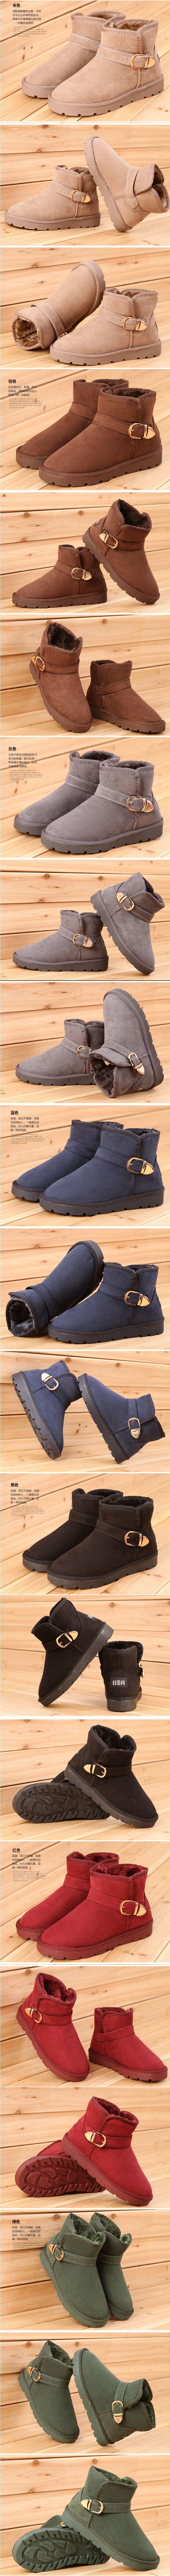 รองเท้าบูทลุยหิมะประดับเข็มขัด